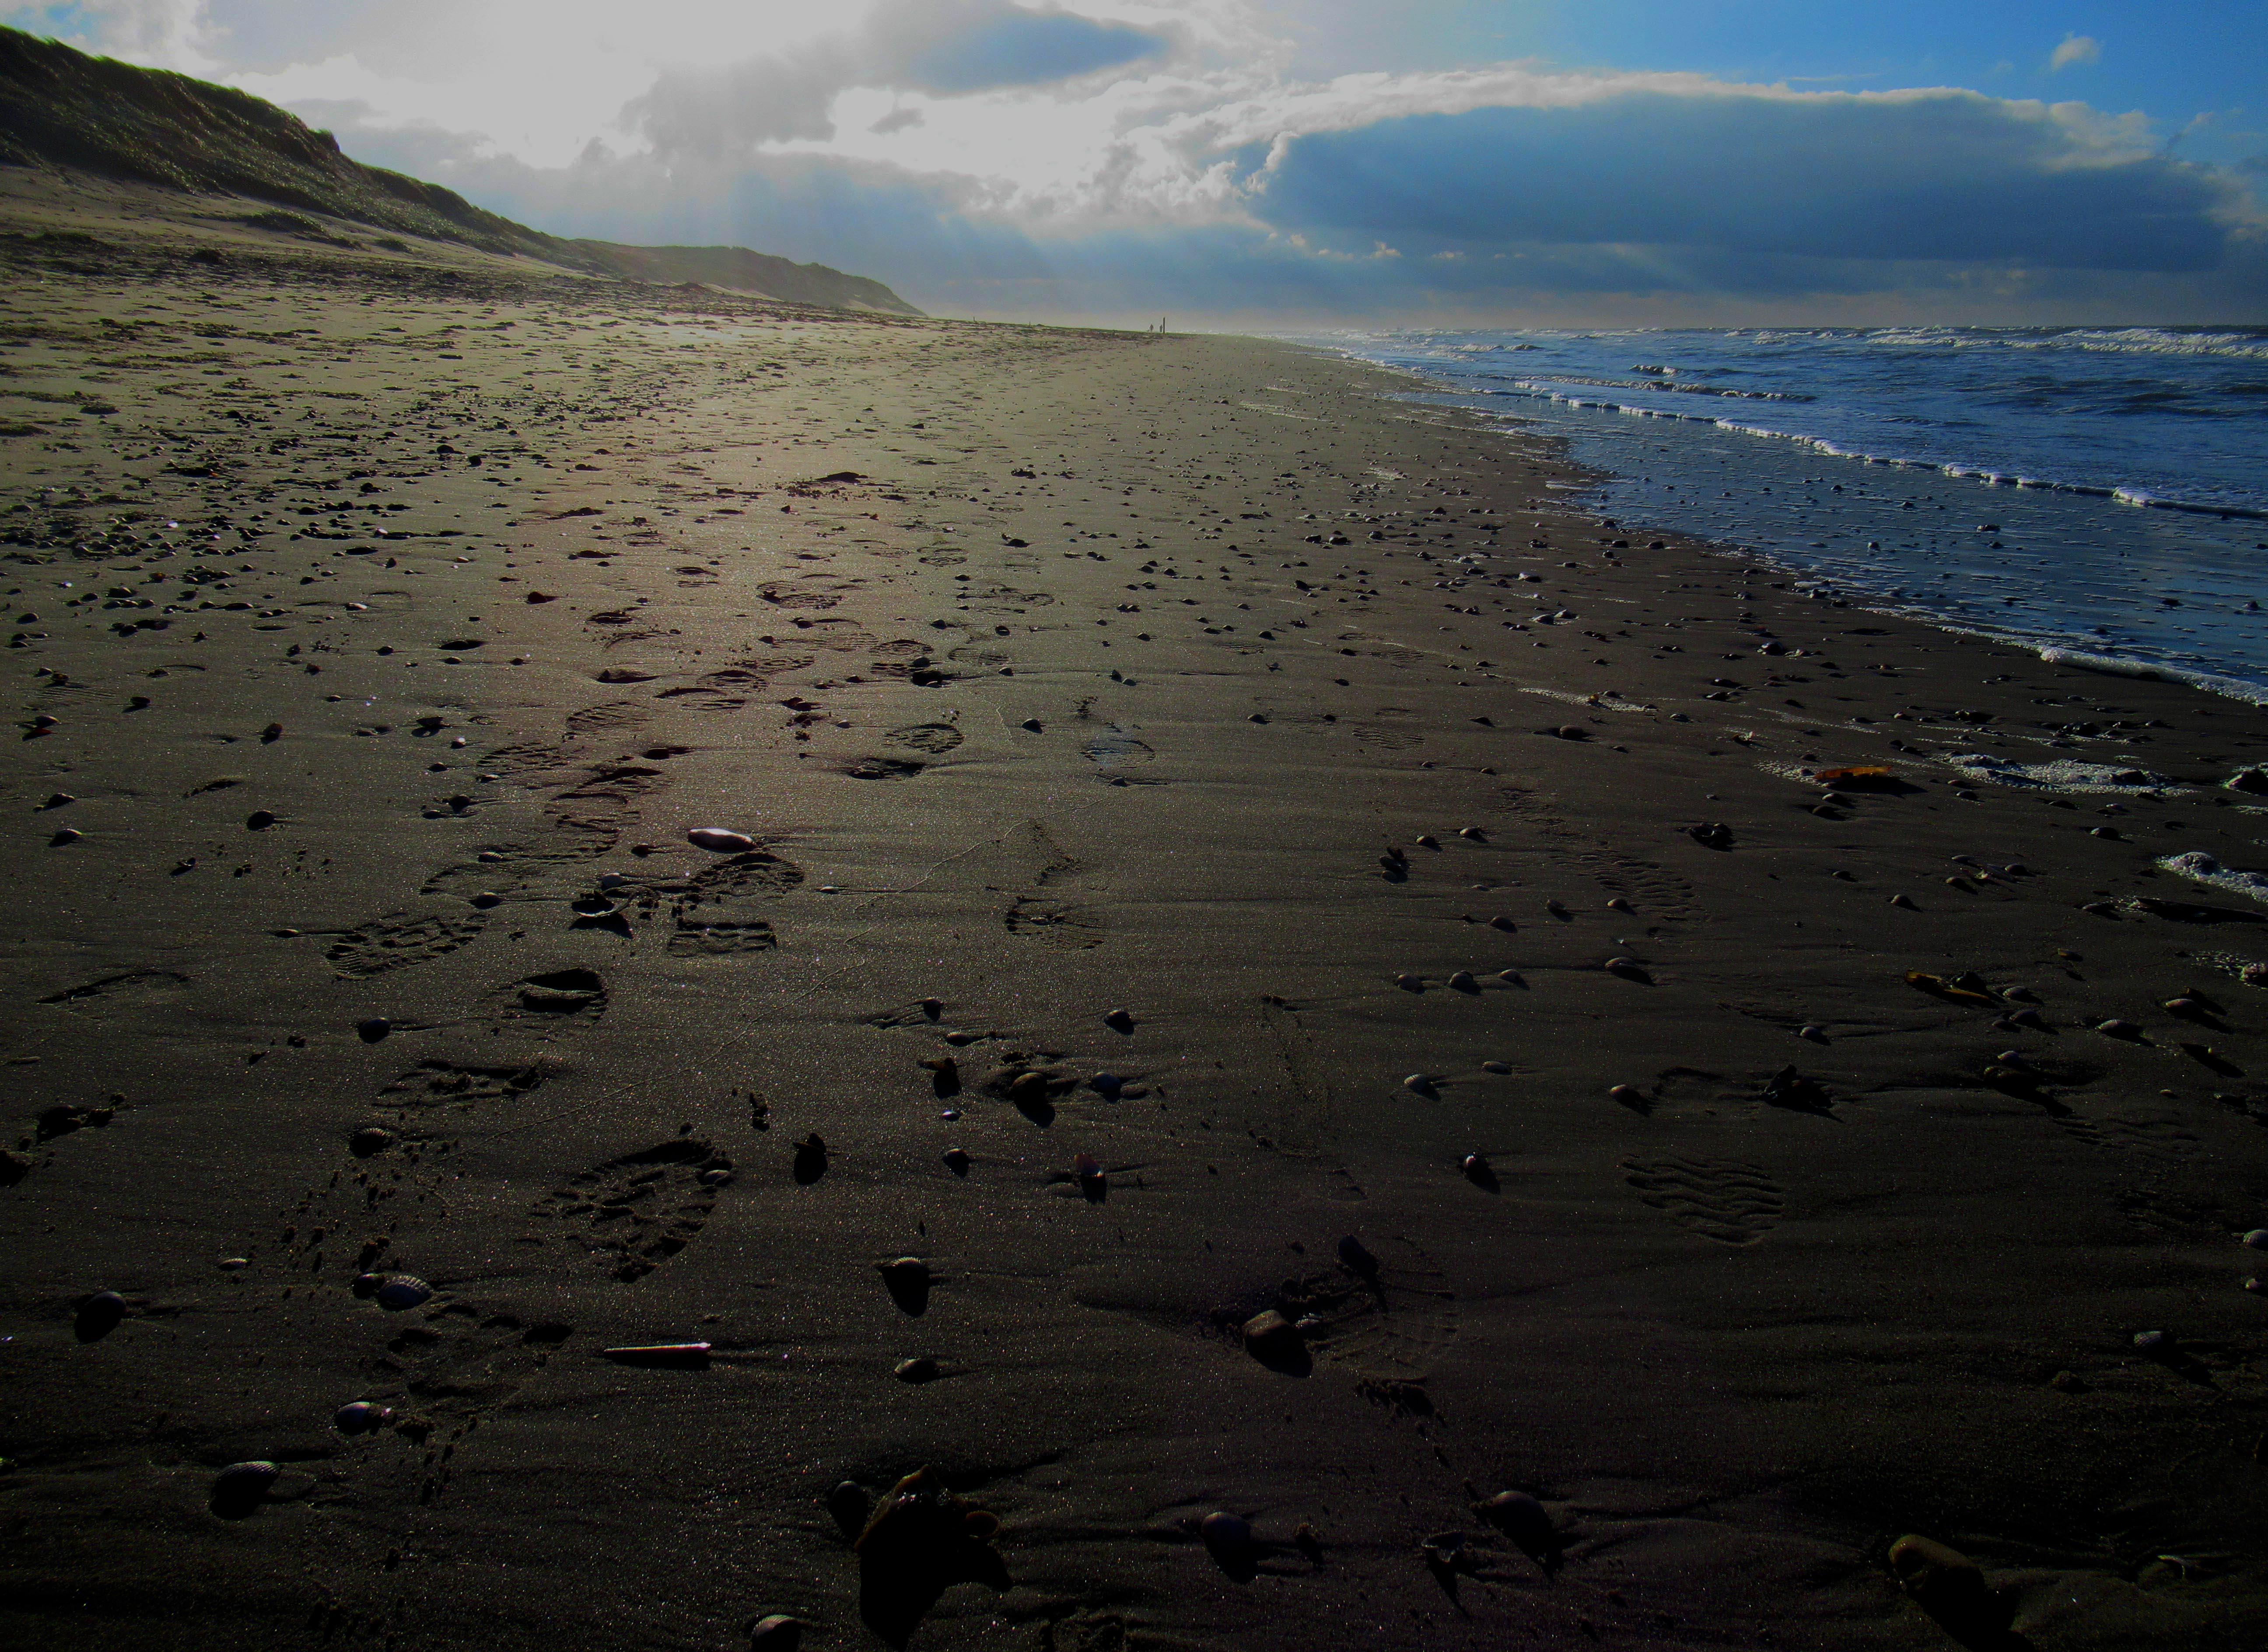 De afdrukken van de wandelschoenen zijn duidelijk zichtbaar in het zand.– Foto: ©Fransien Fraanje